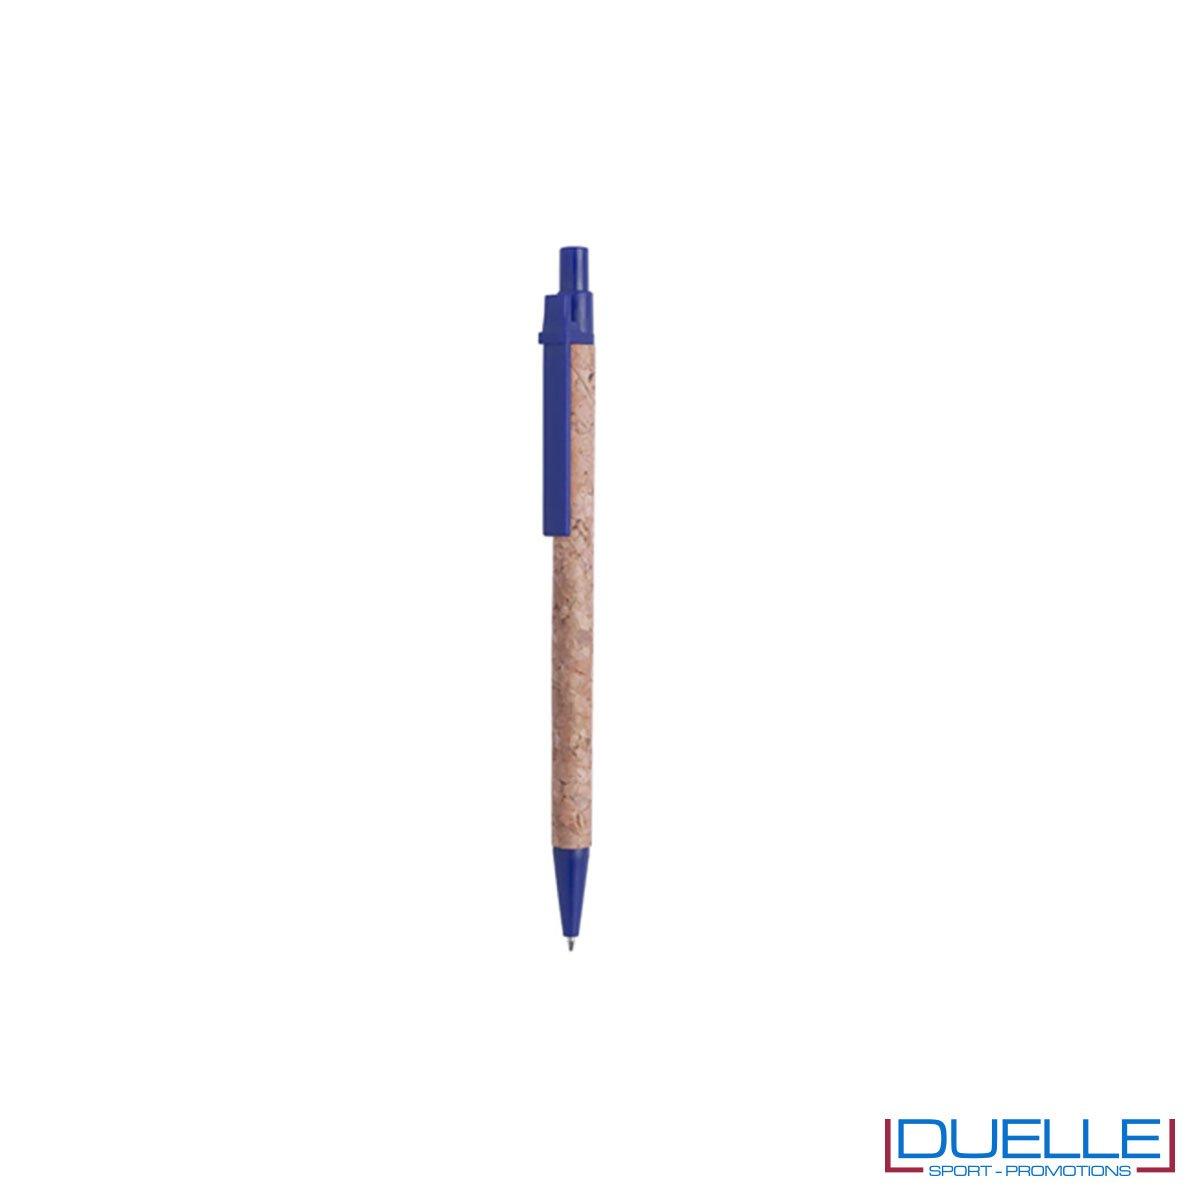 Penna in sughero personalizzata con particolari colore blu